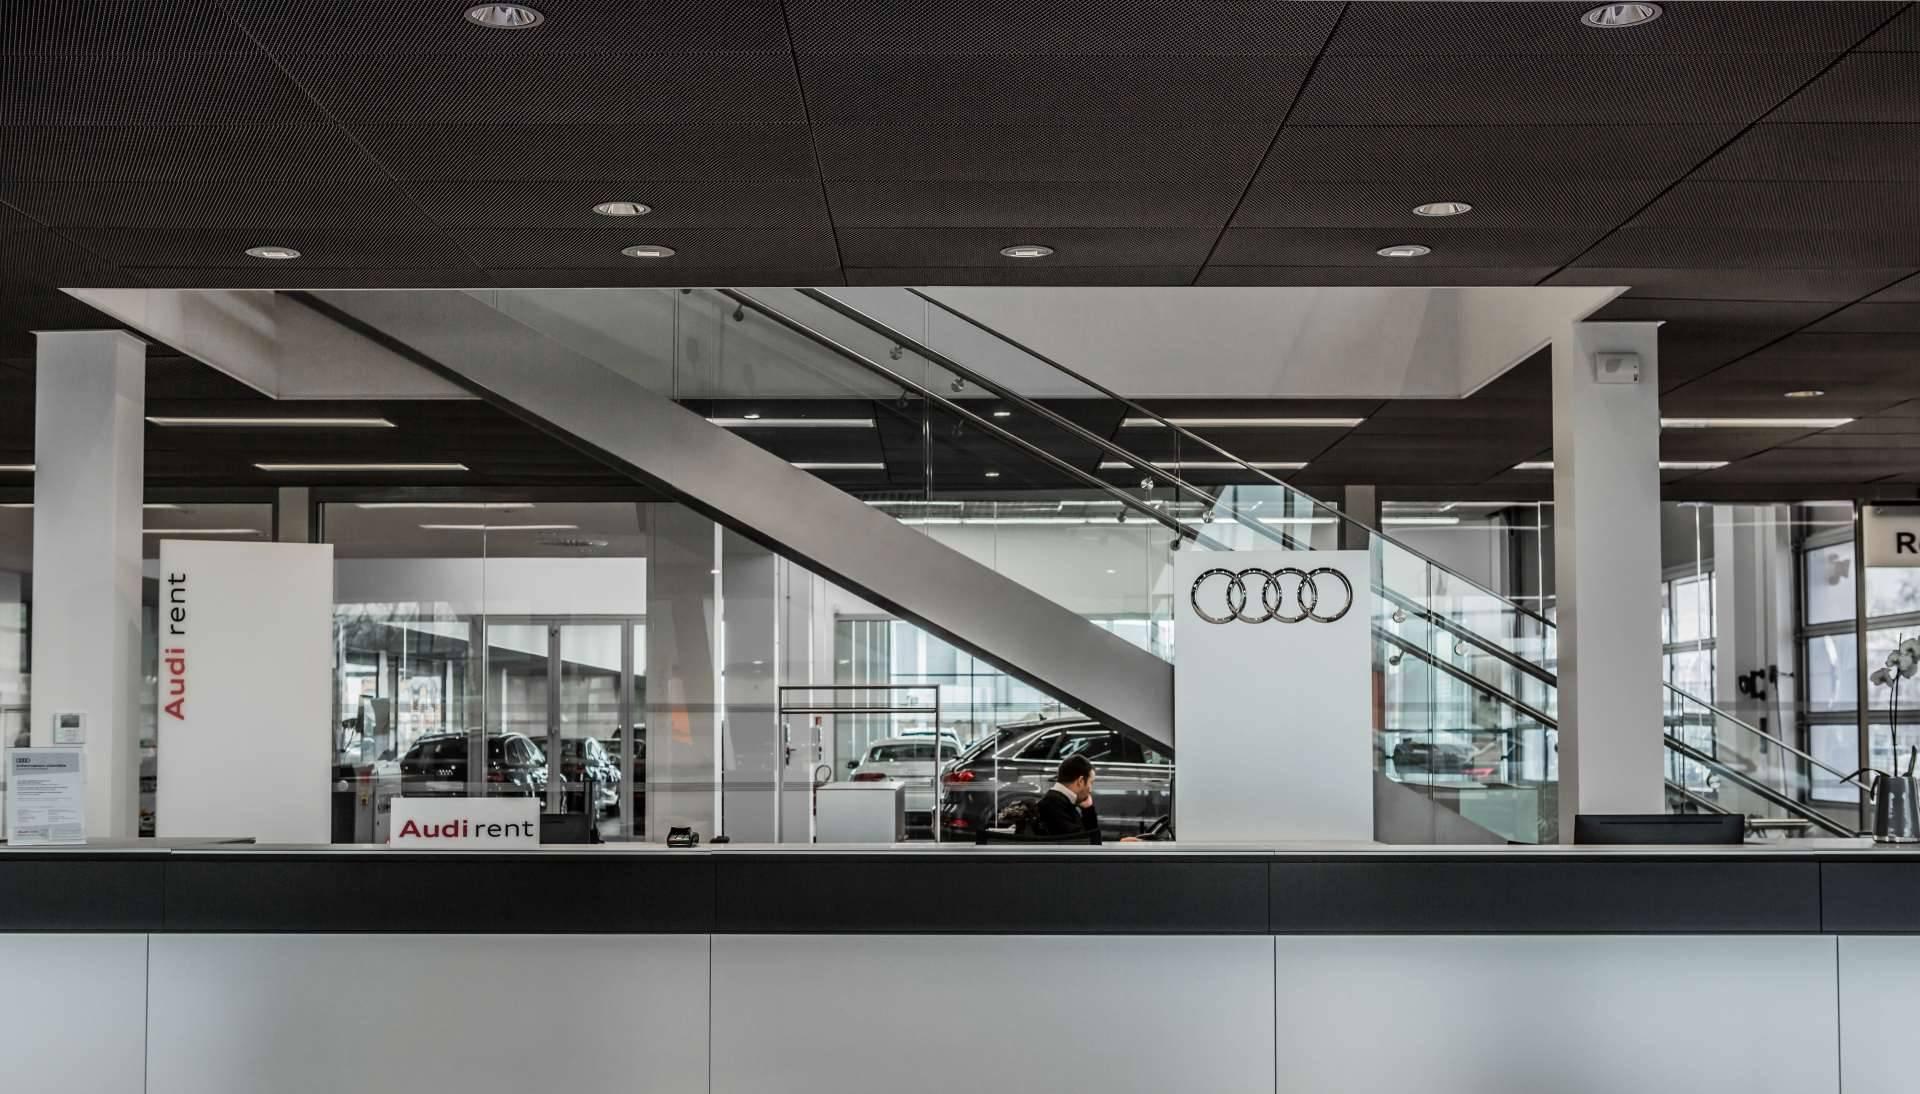 Audi Bauer Paris Roissy Audi rent 1920